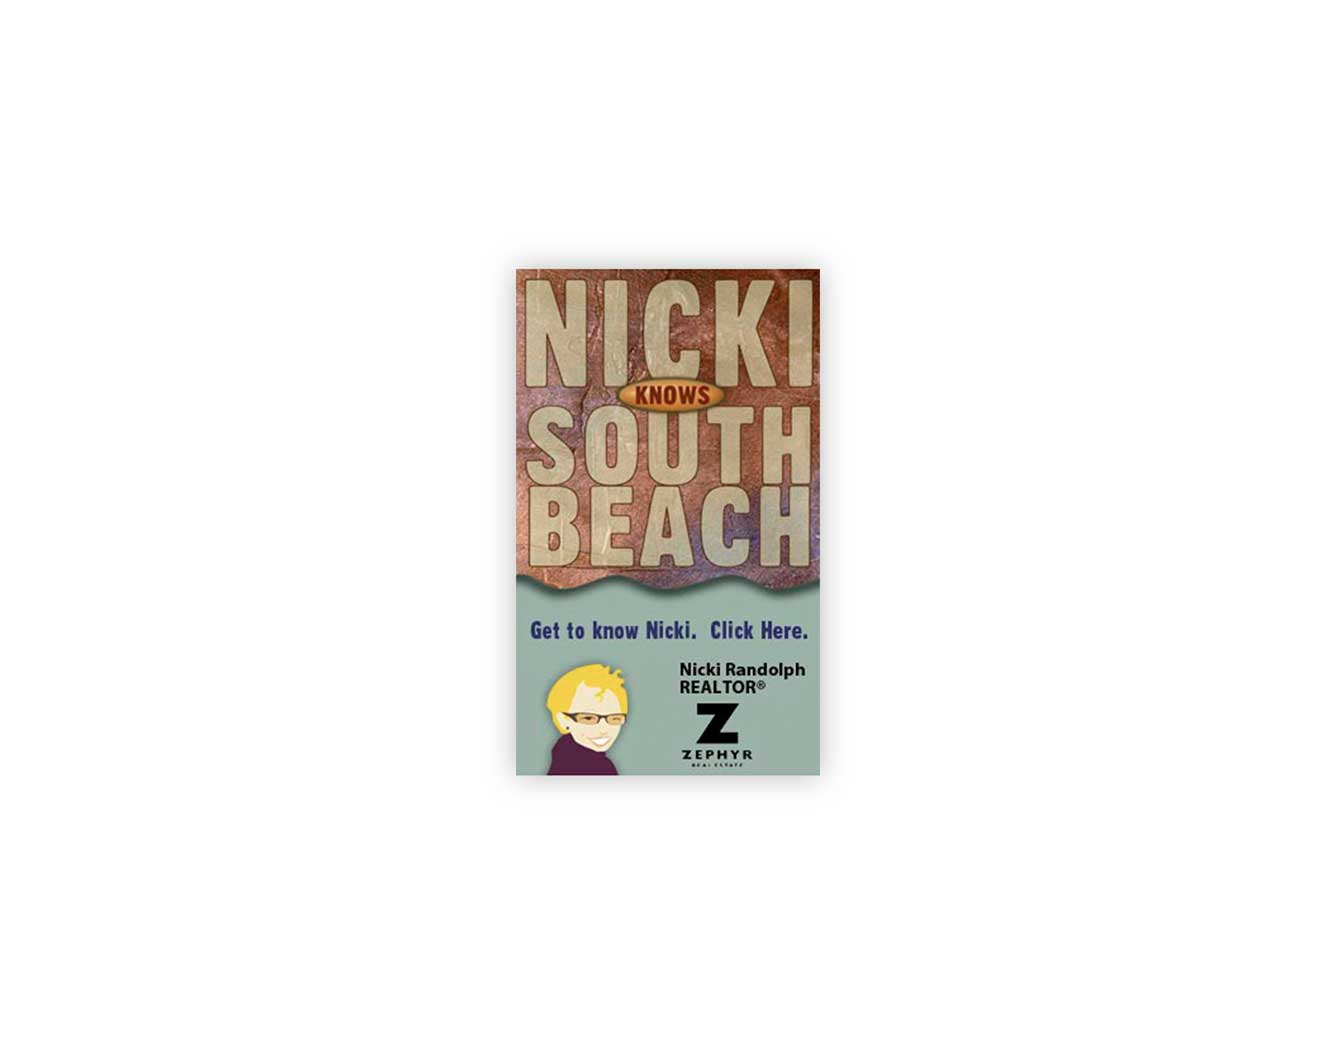 Interactive- Nicki Randolph